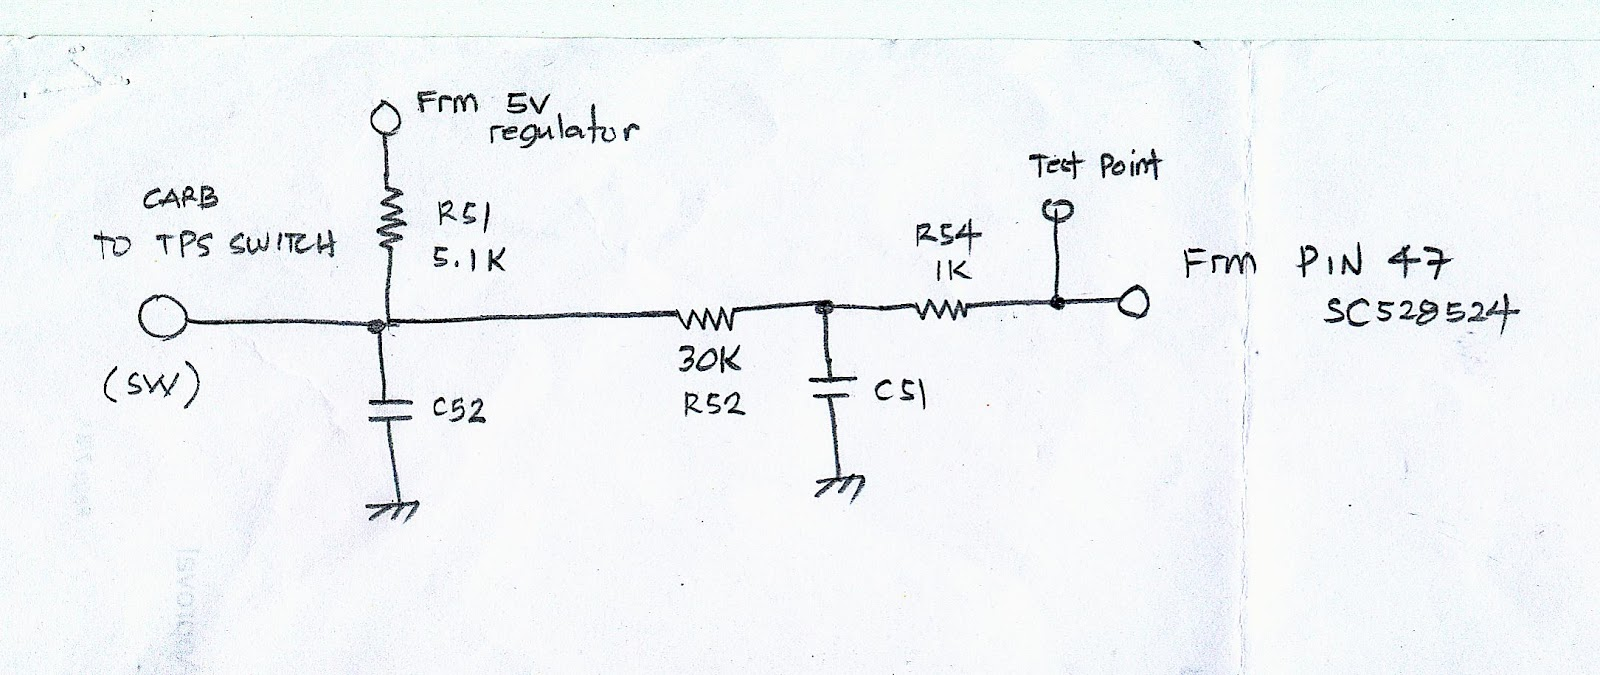 singer heat pump wiring diagram schematic [ 1600 x 675 Pixel ]